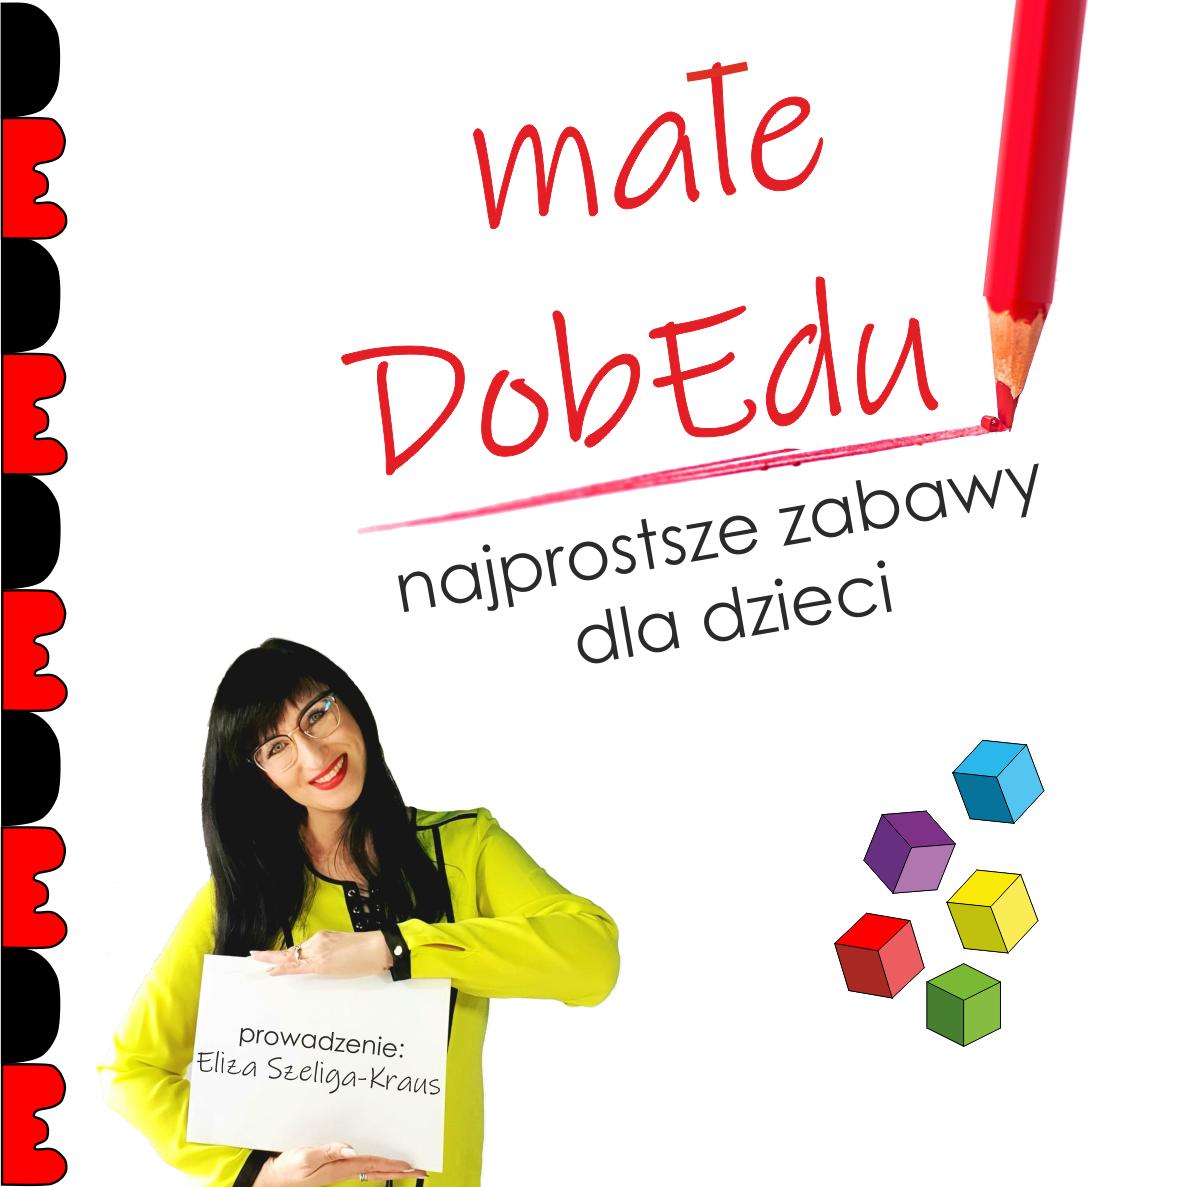 Małe DobEdu – szkolenie on-line 29.04. (live)